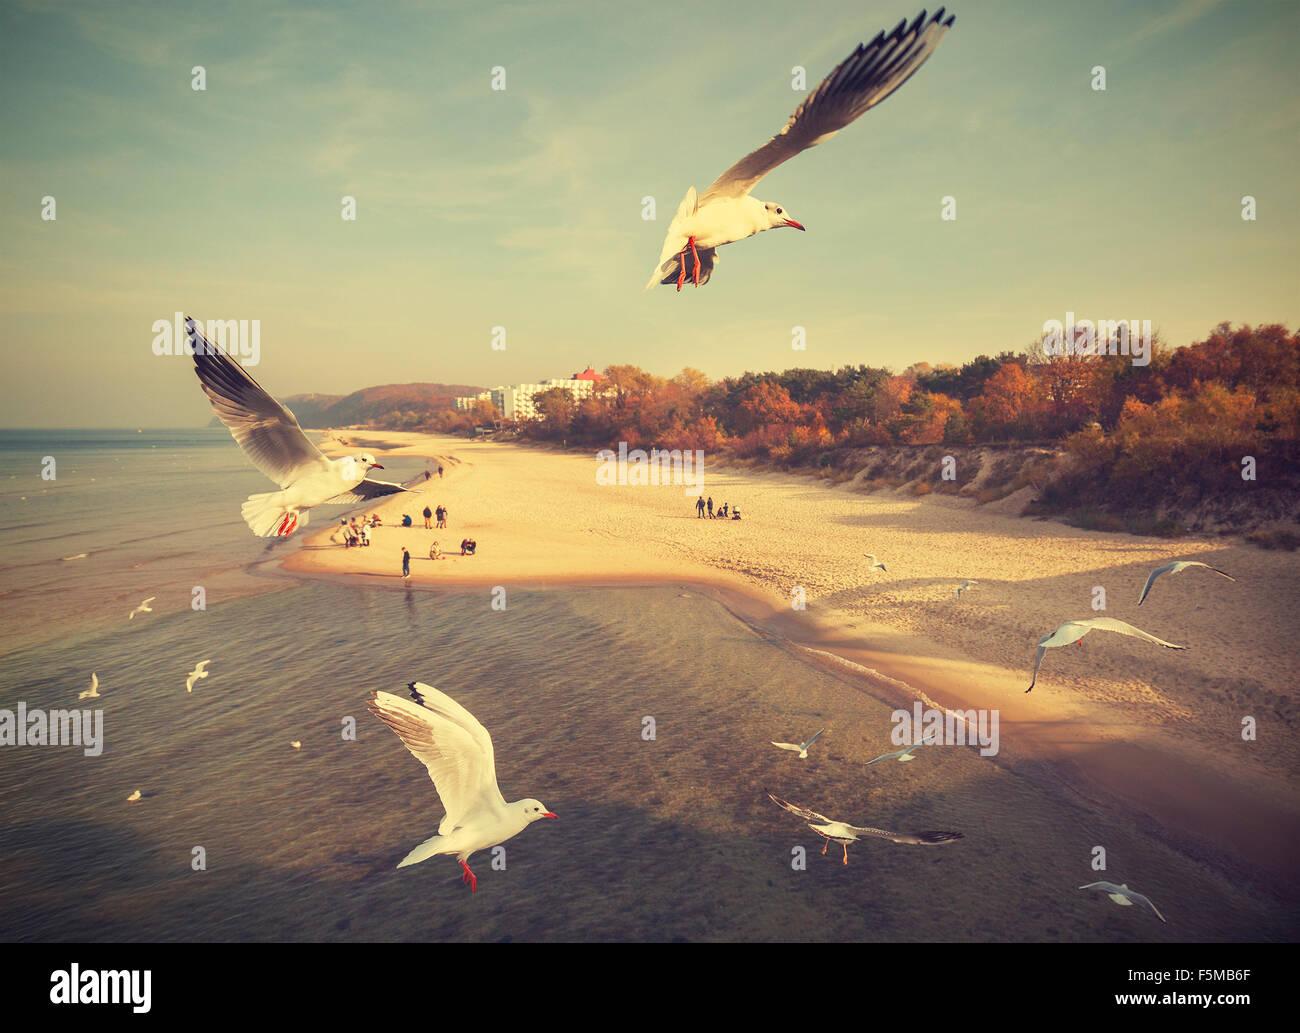 Vintage Retro aves estilizadas por encima de la playa, del mar Báltico, Polonia. Imagen De Stock